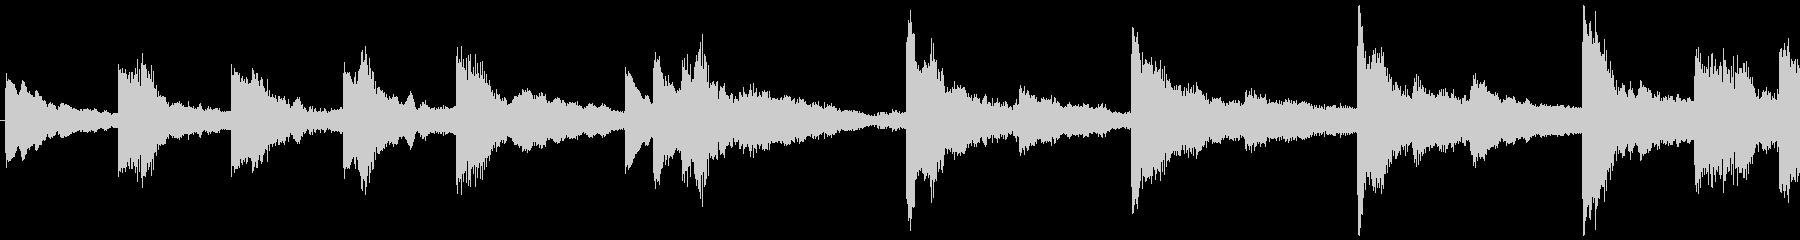 ハローウィン用のホラー曲-ループ1の未再生の波形